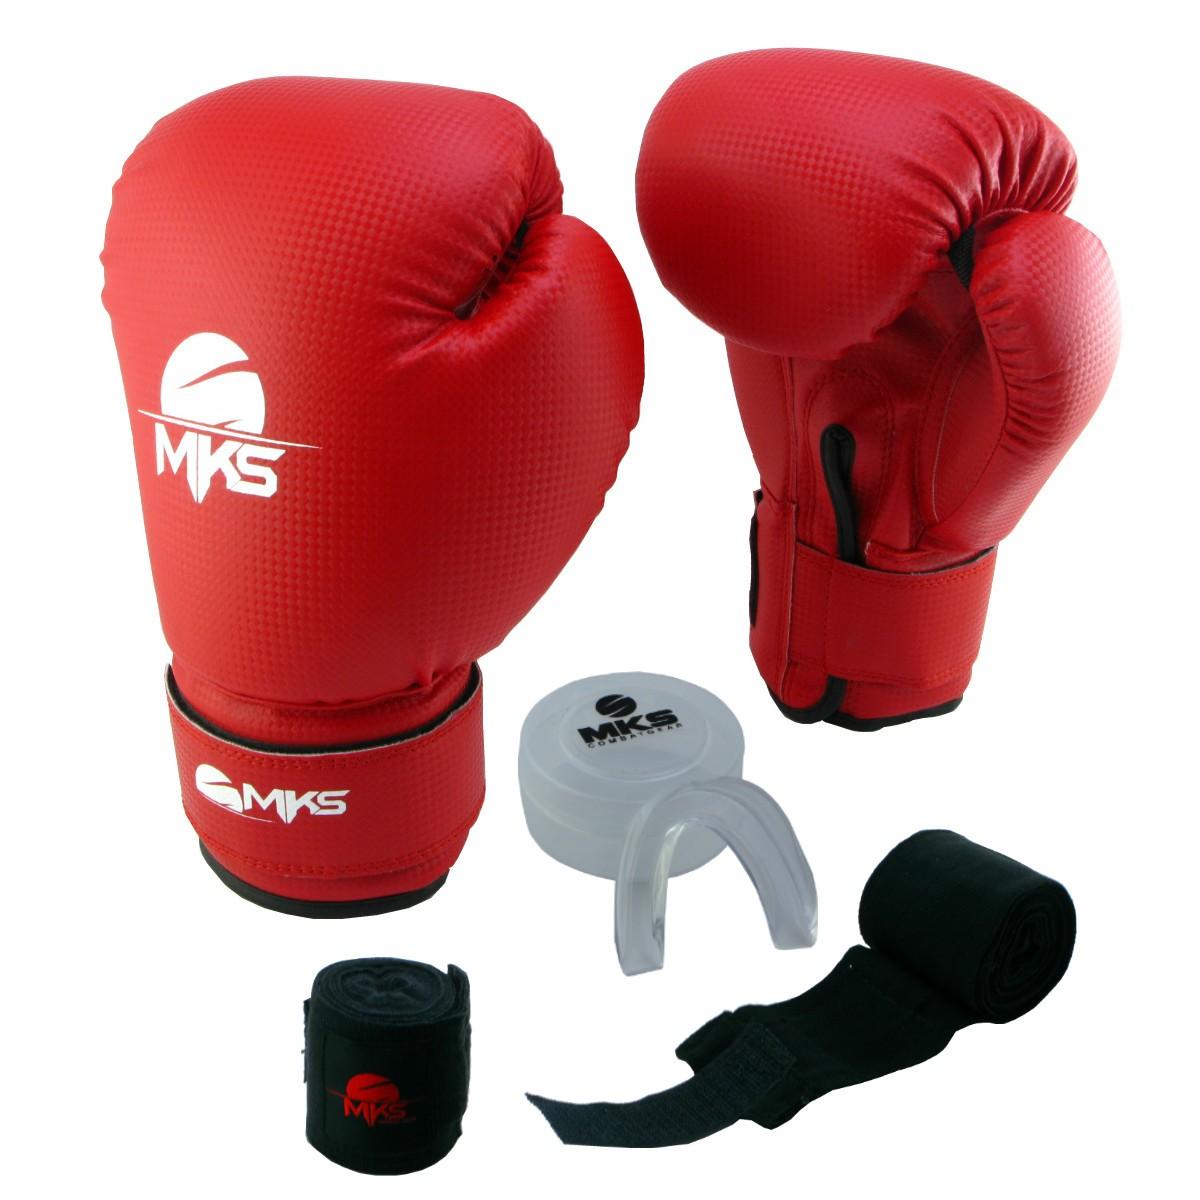 Luva de Boxe Prospect MKS Vermelha 14 oz + Protetor Bucal + Bandagem